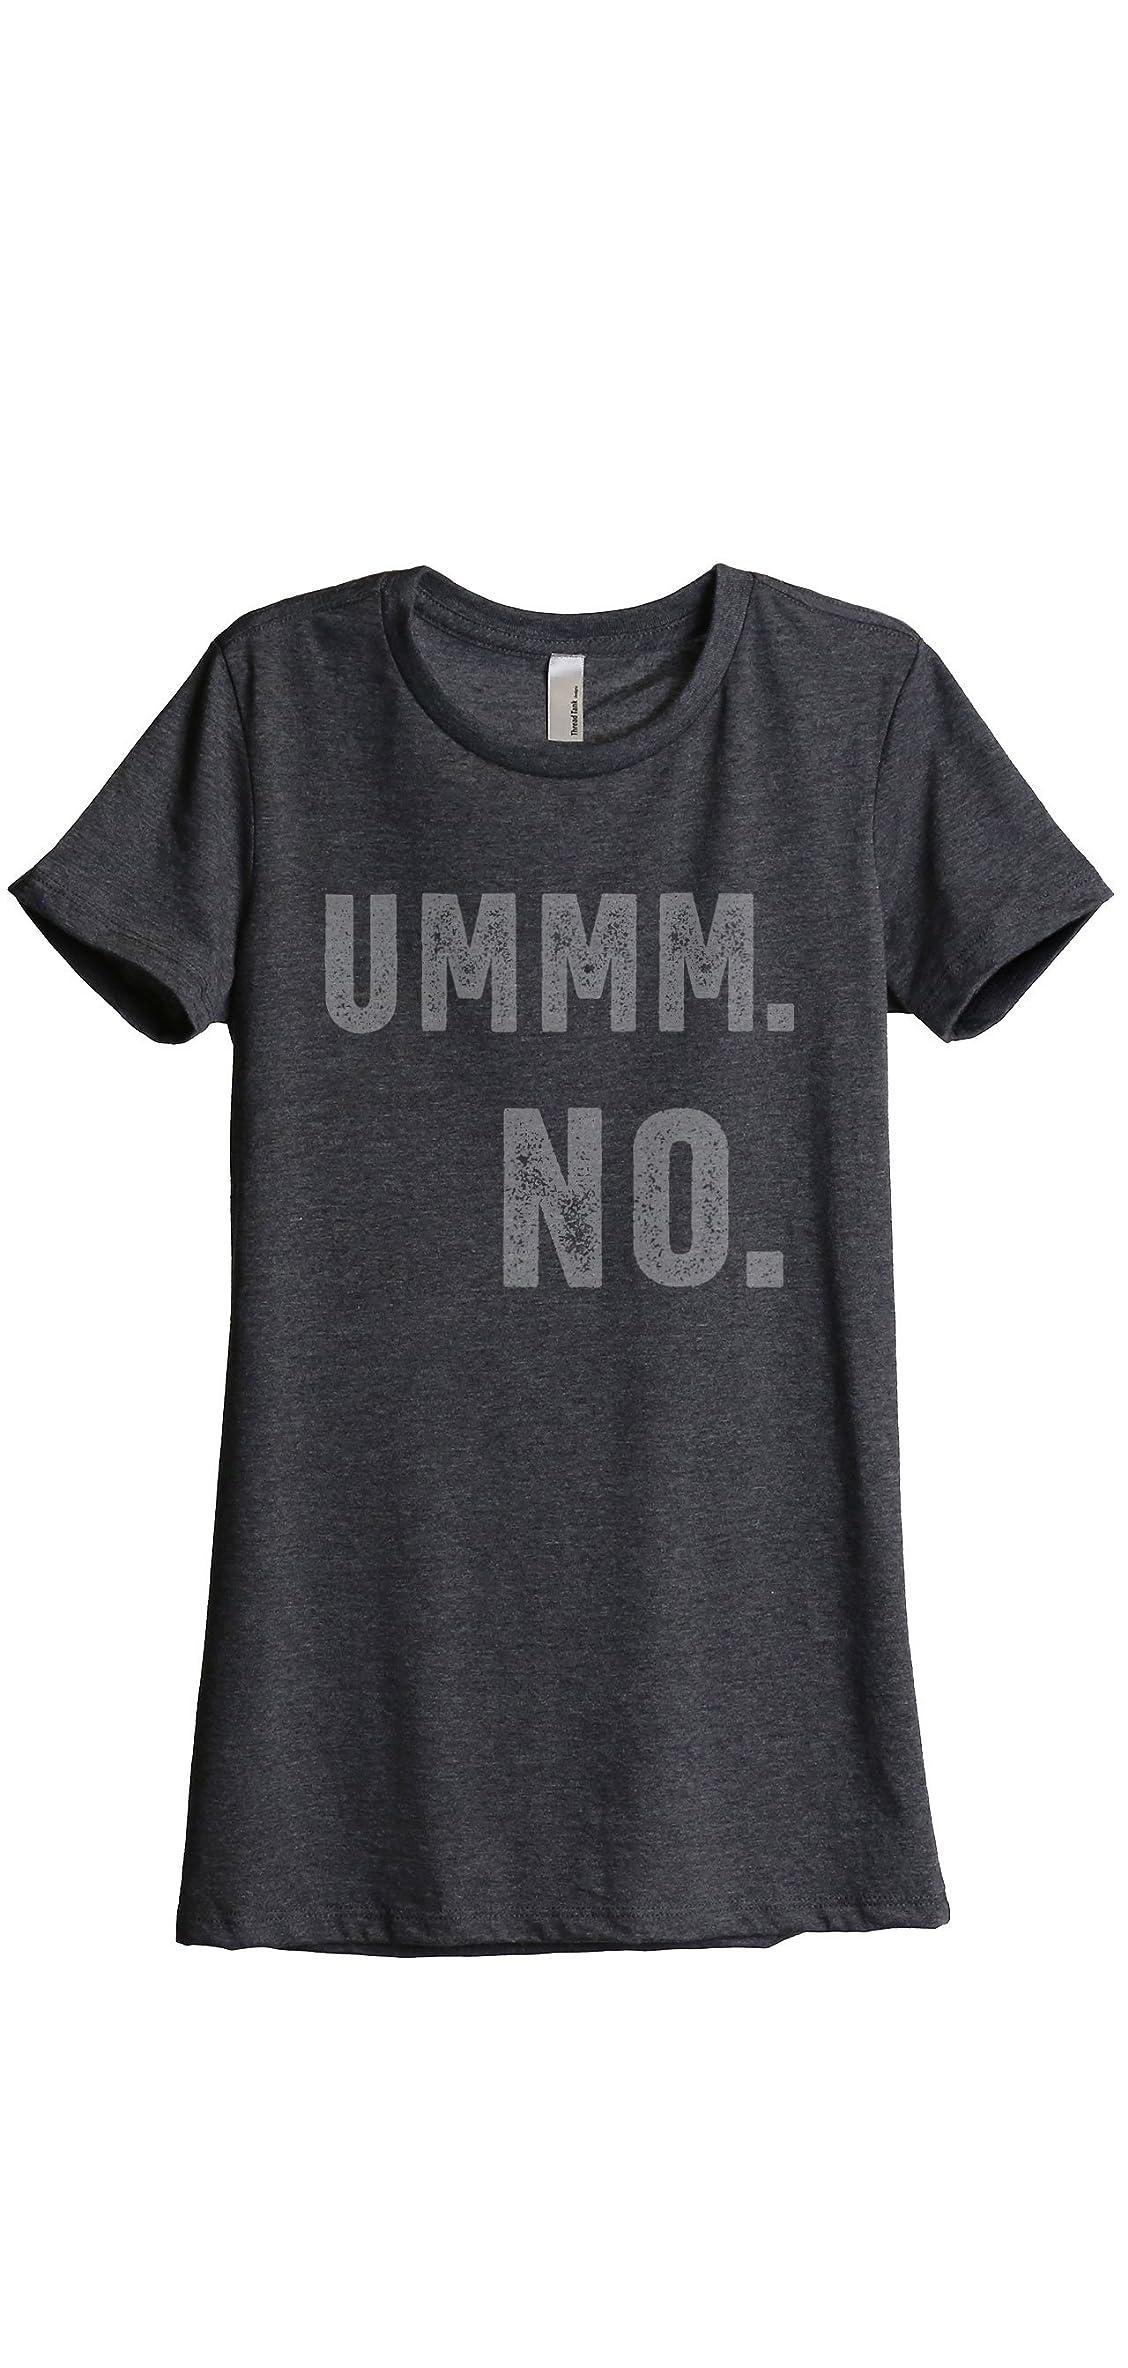 Ummm No Women's Fashion Relaxed T-shirt Tee Charcoal Grey